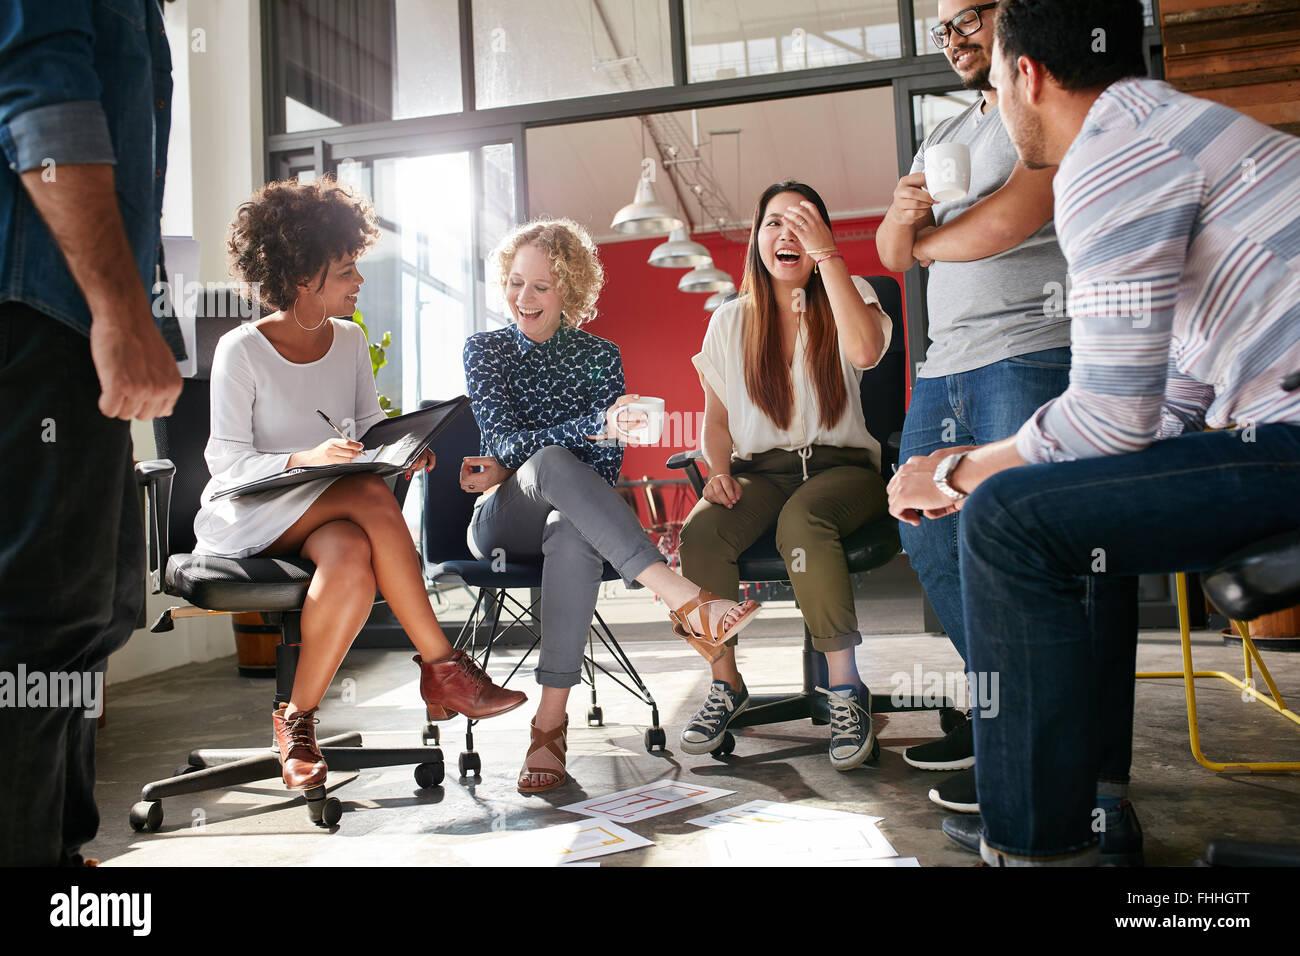 La foto de un grupo de jóvenes profesionales tener una reunión. Diversos grupos de jóvenes diseñadores Imagen De Stock